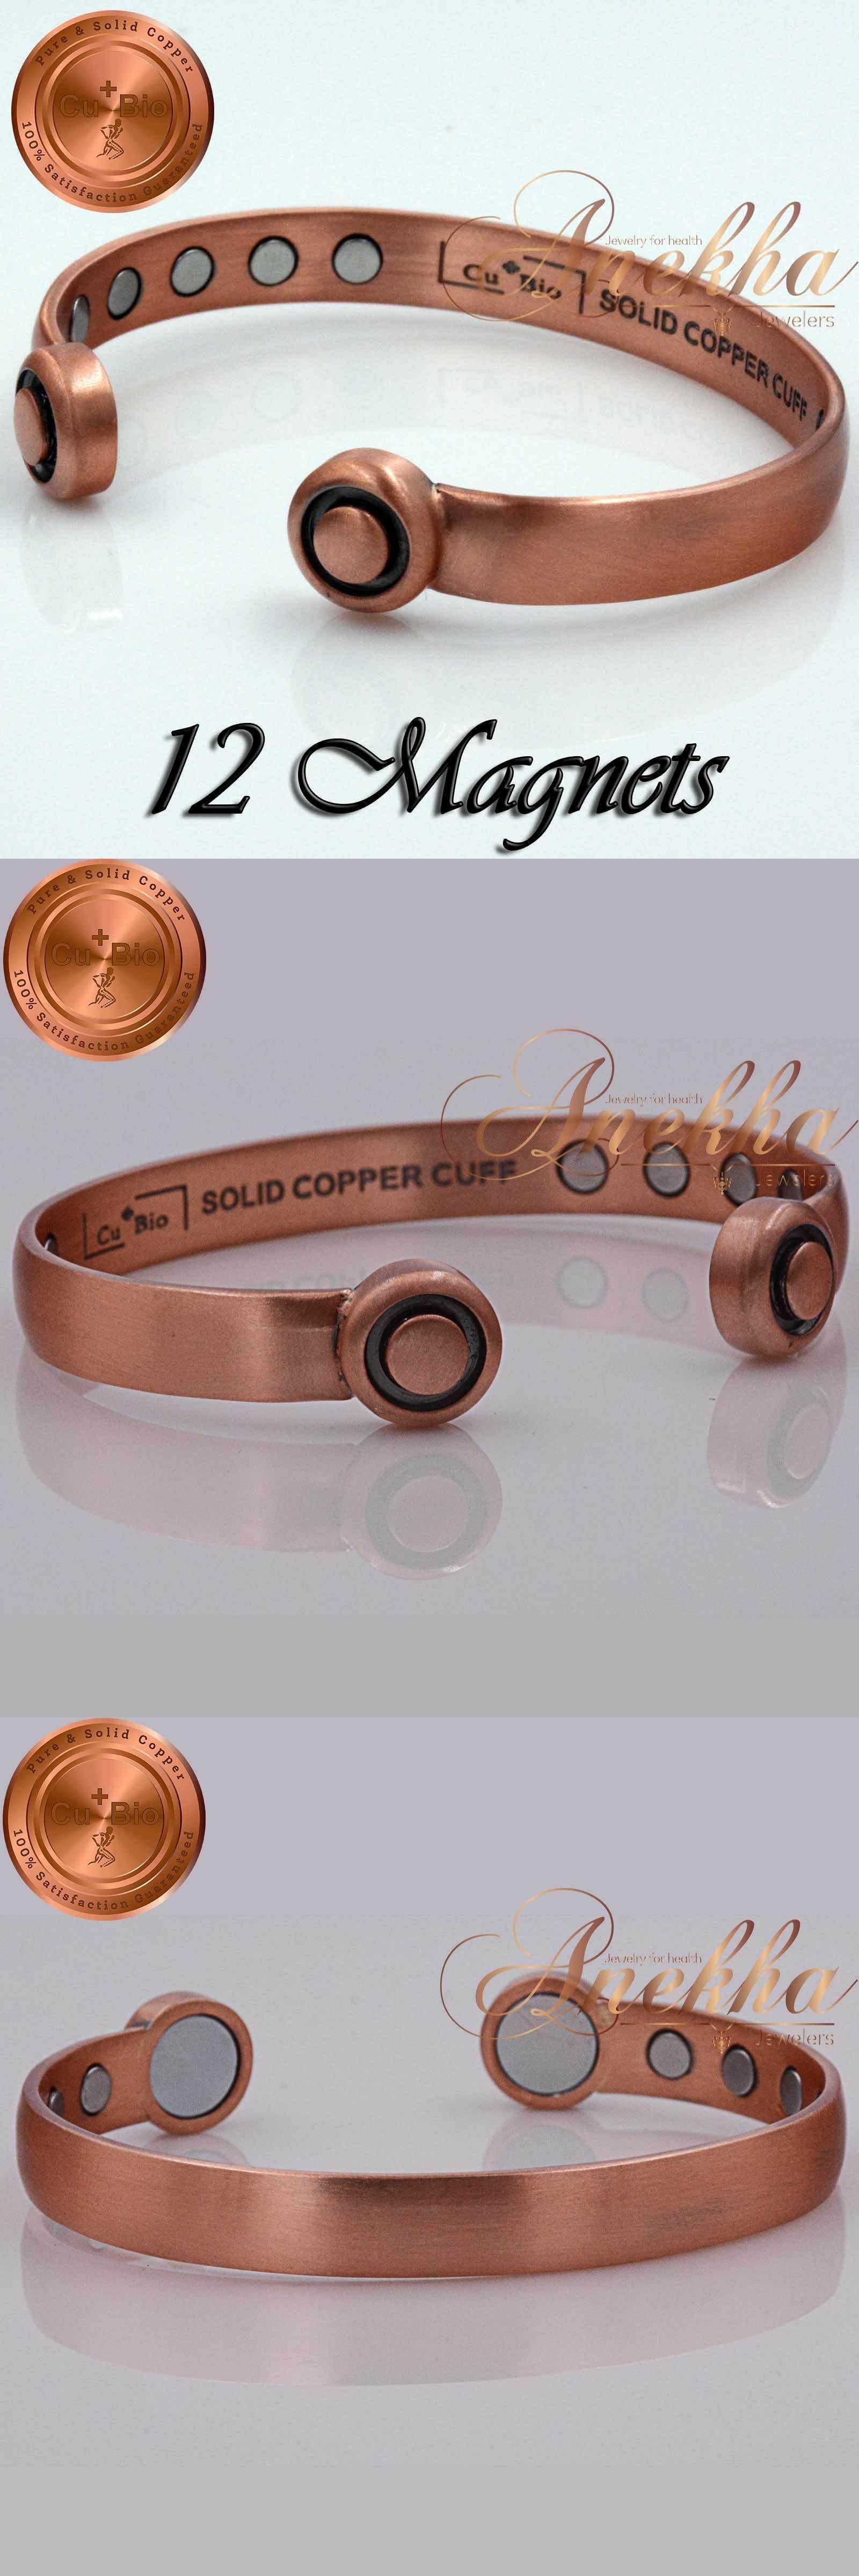 Cubio pure copper magnetic braceletbangle men women vtg fin